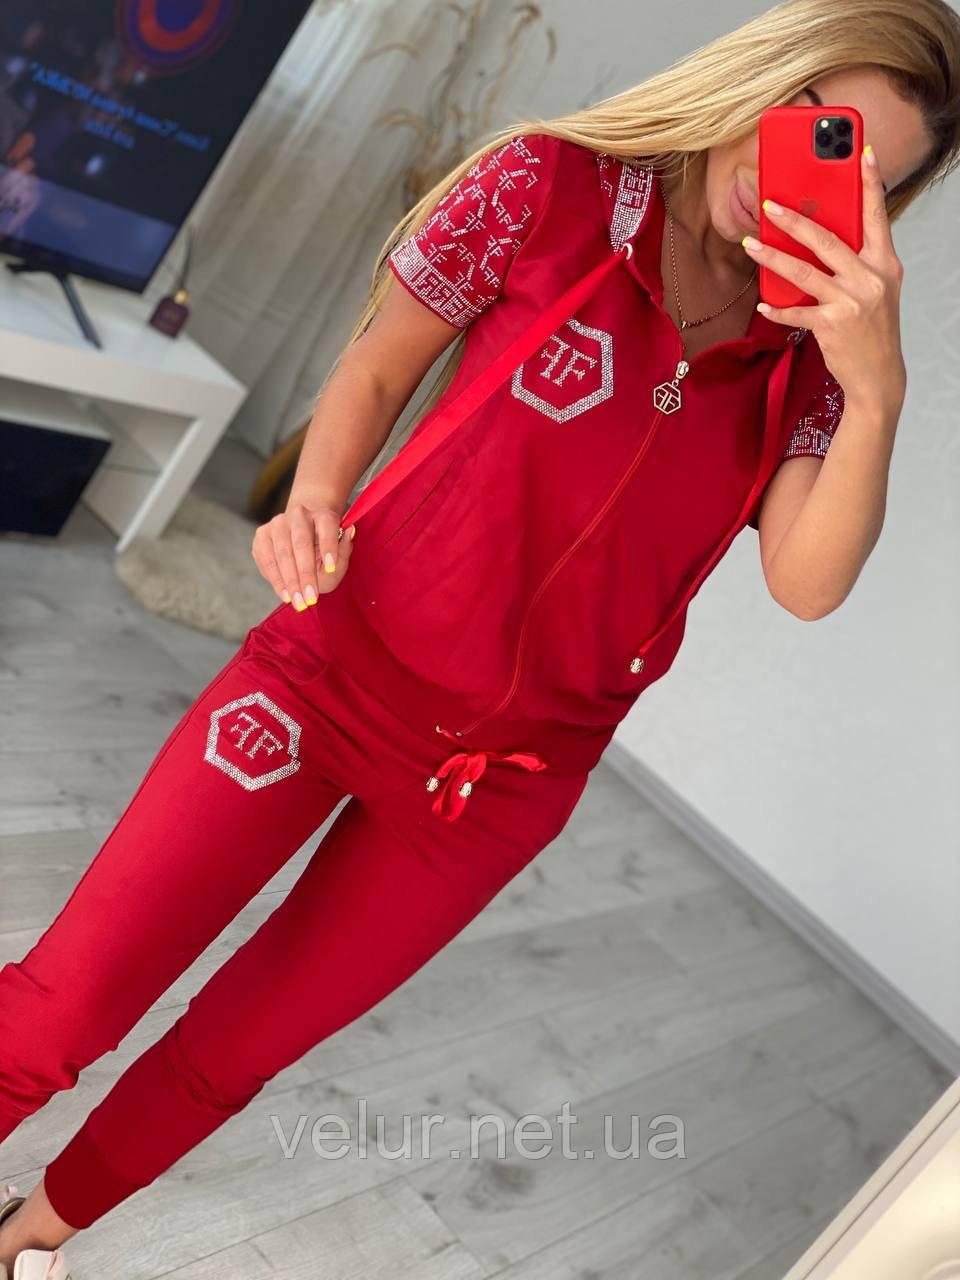 Жіночий літній костюм з трикотажу (Туреччина); розміри:З,М,Л,ХЛ повномірні Кольори :червоний,чорний,білий,пудра